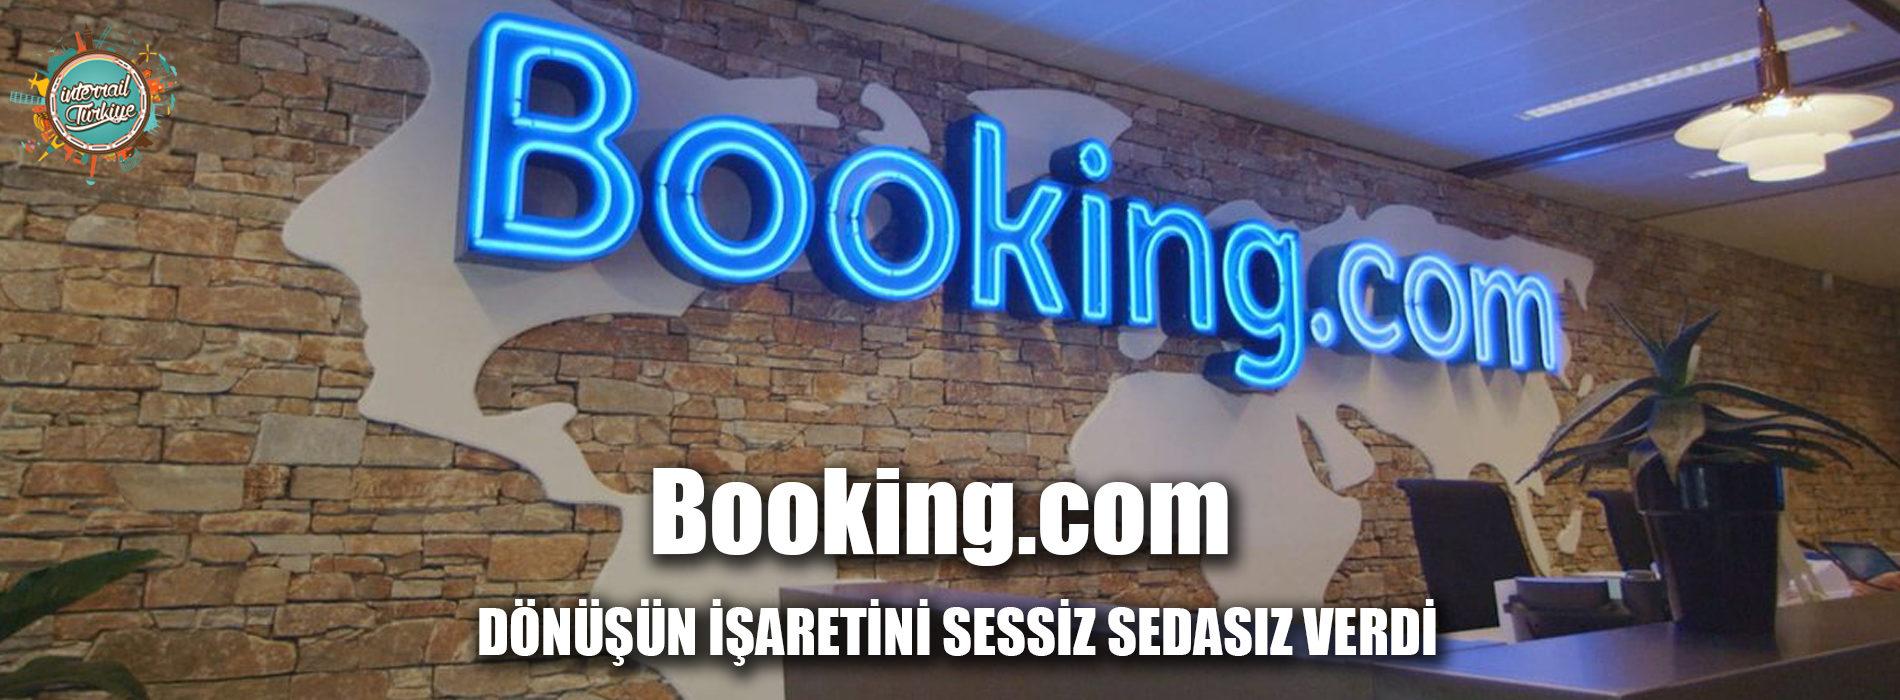 Booking.com dönüş işaretini sessiz sedasız verdi